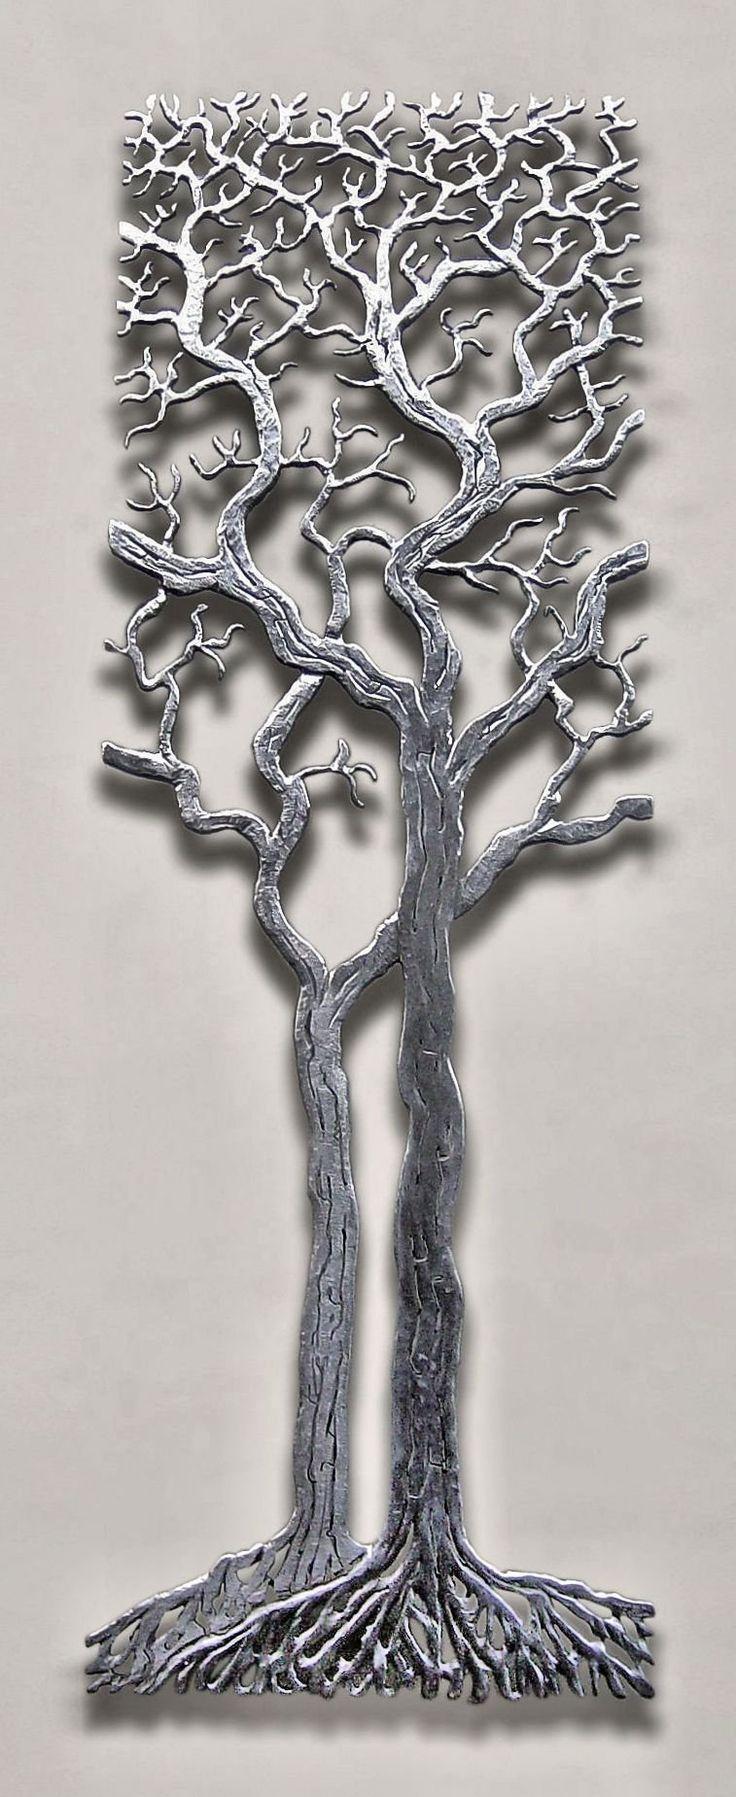 Best 25+ Metal Wall Art Ideas On Pinterest | Metal Art, Metal Wall For Metal Birdcage Wall Art (Image 5 of 20)